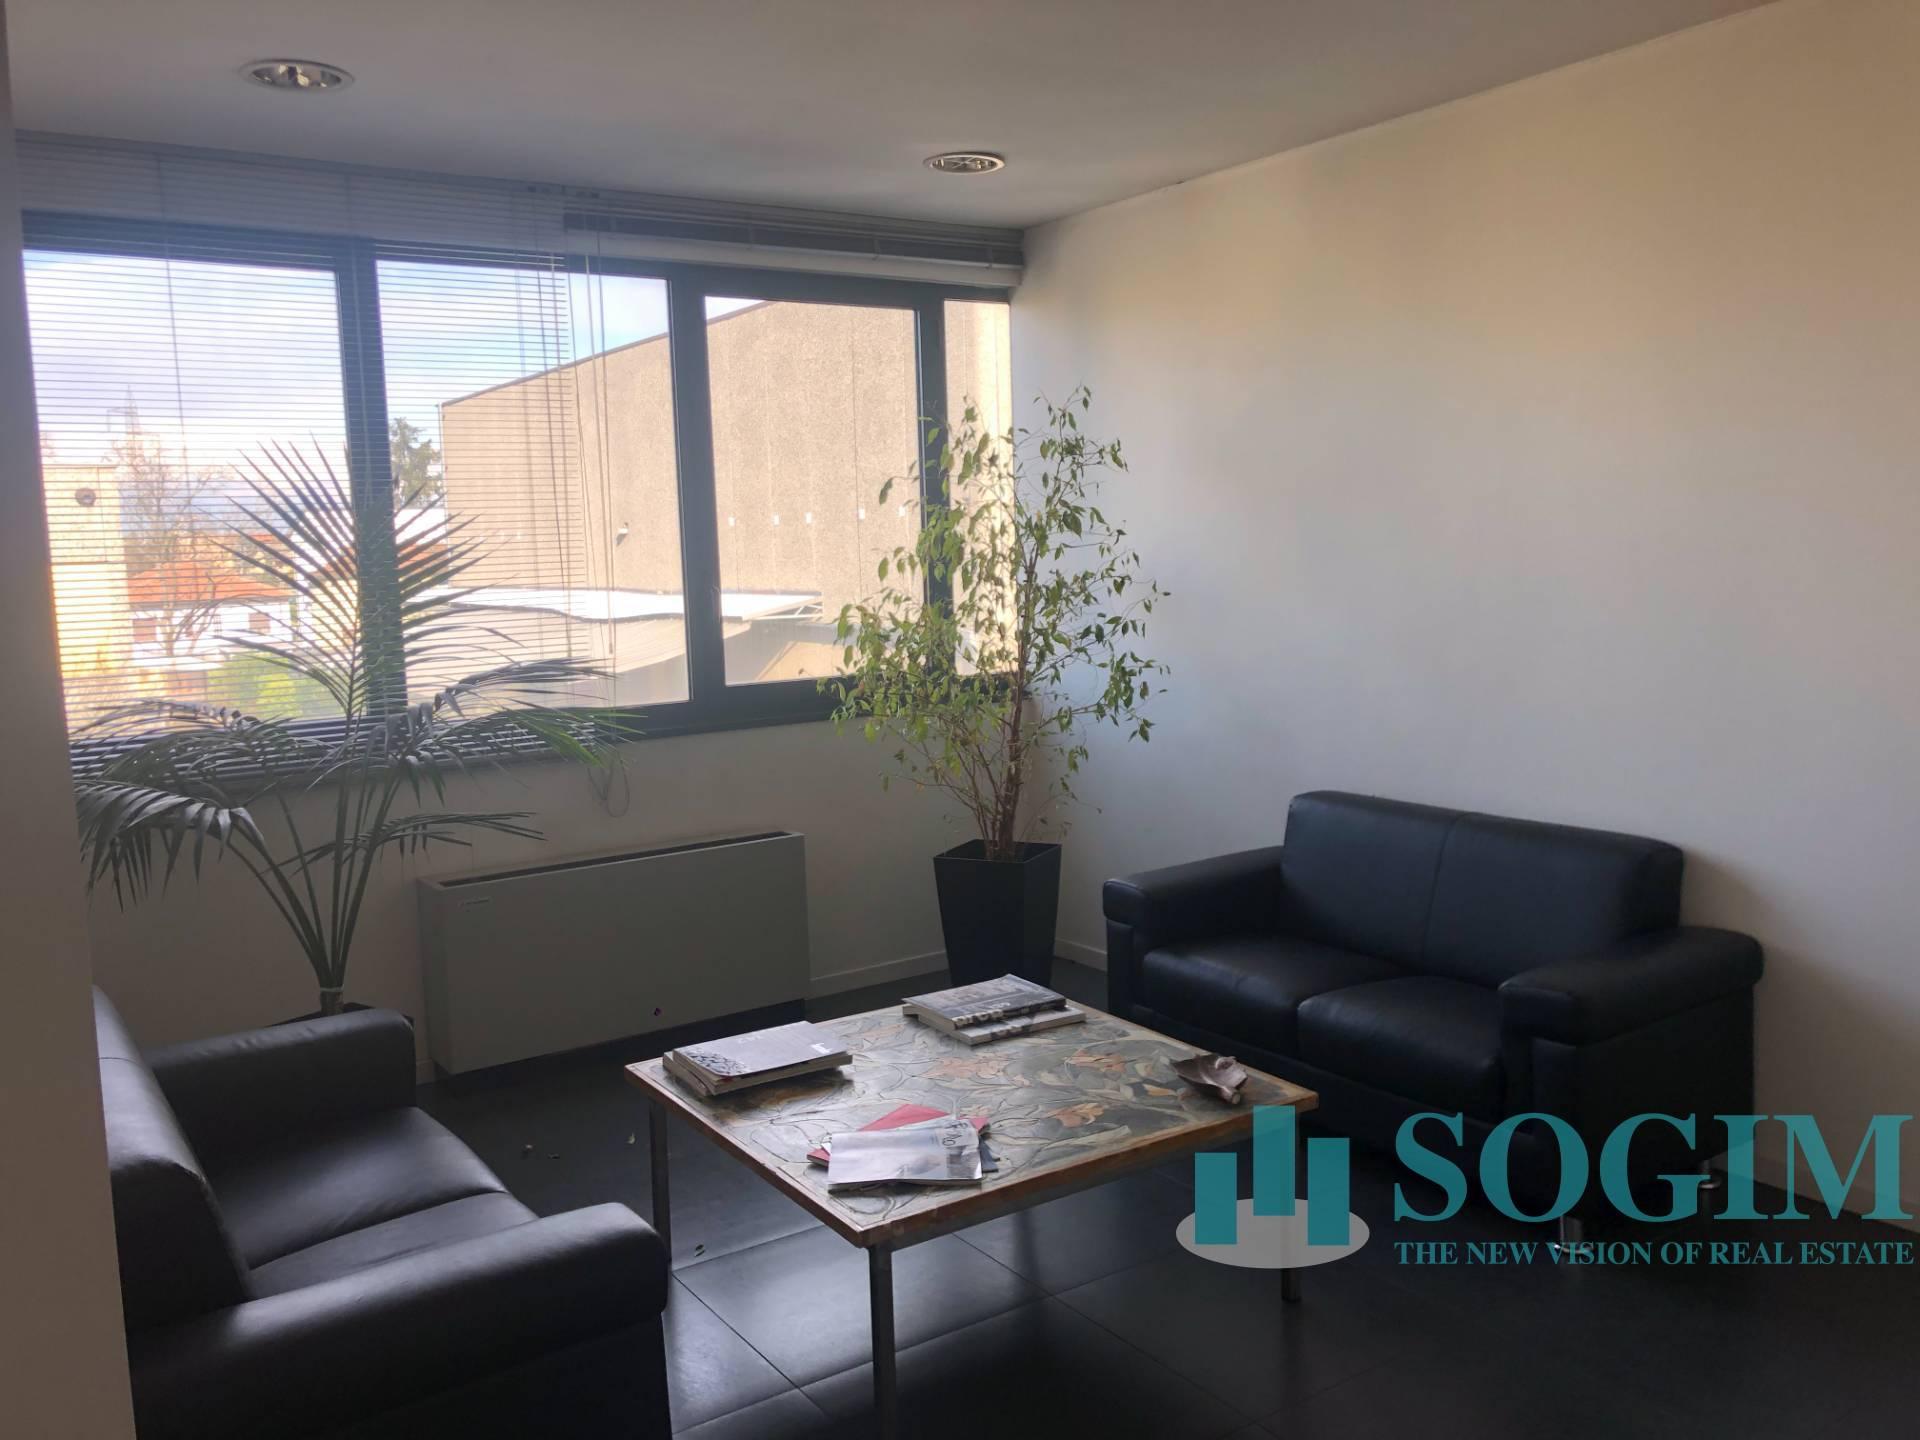 Ufficio / Studio in affitto a Pogliano Milanese, 9999 locali, prezzo € 2.000 | PortaleAgenzieImmobiliari.it